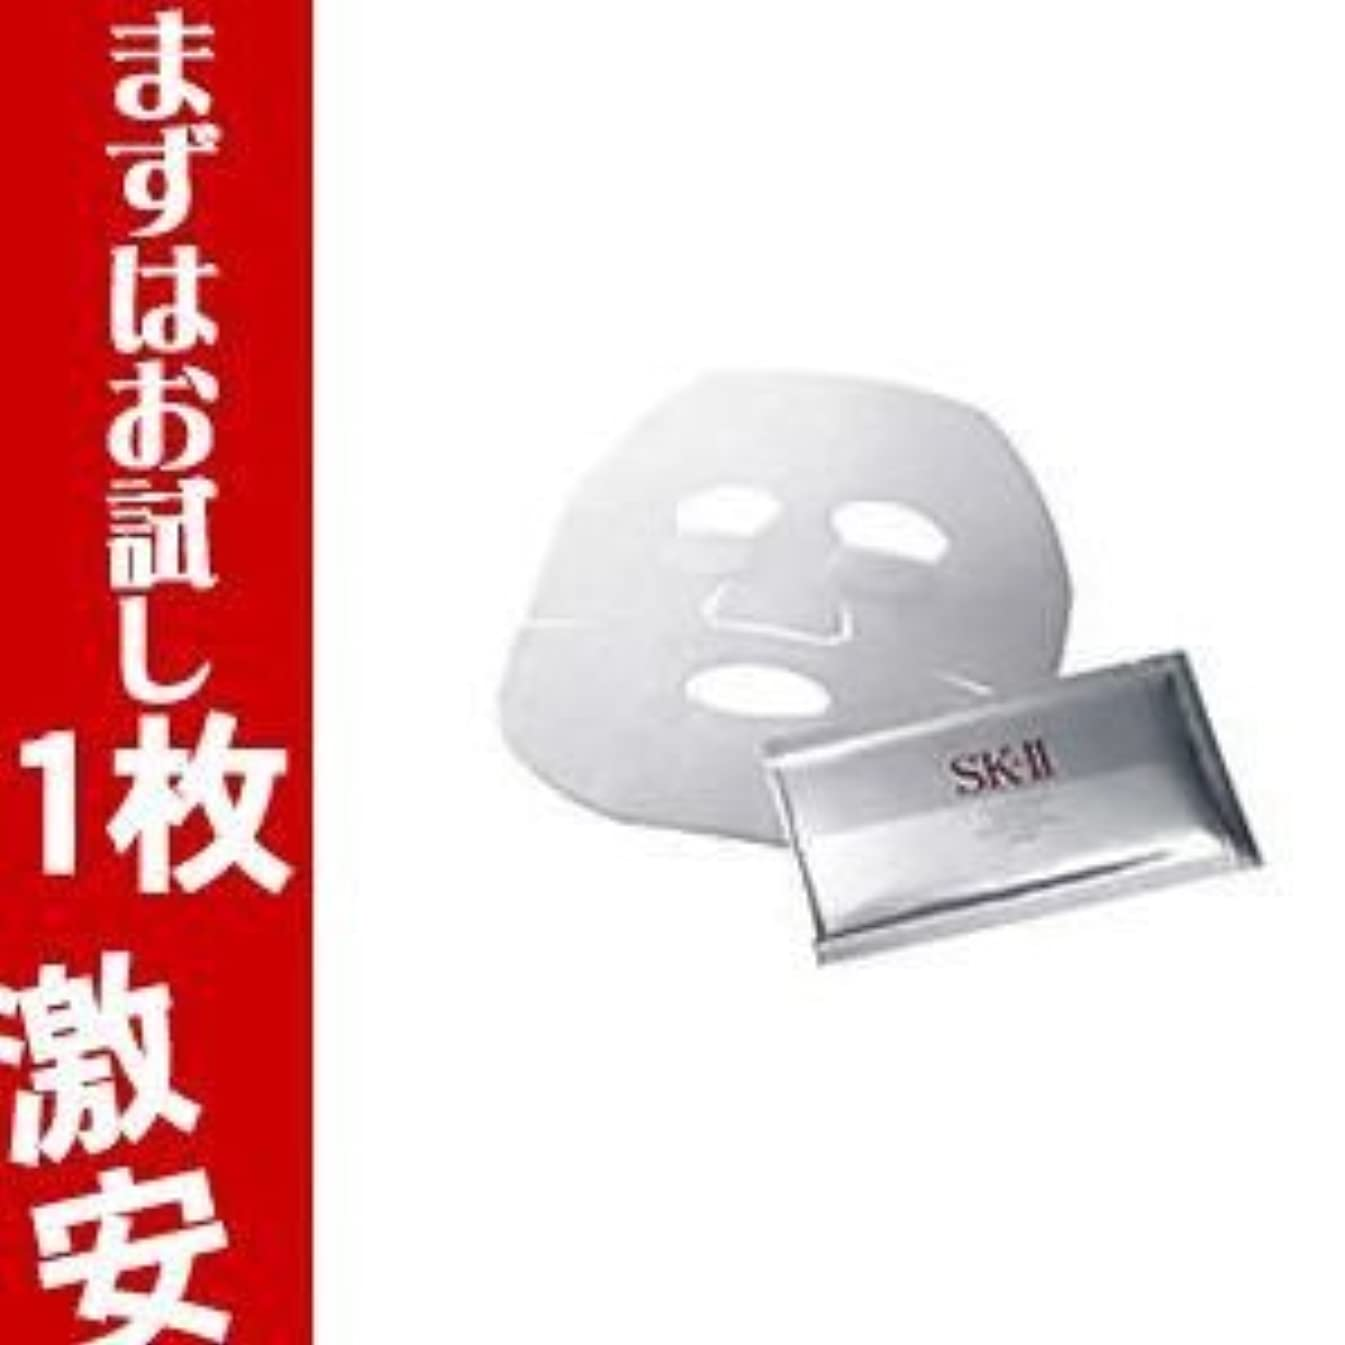 子供時代十分な資格【SK-II SK-2】 ホワイトニングソース ダーム リバイバル マスク 1枚  【箱なし】